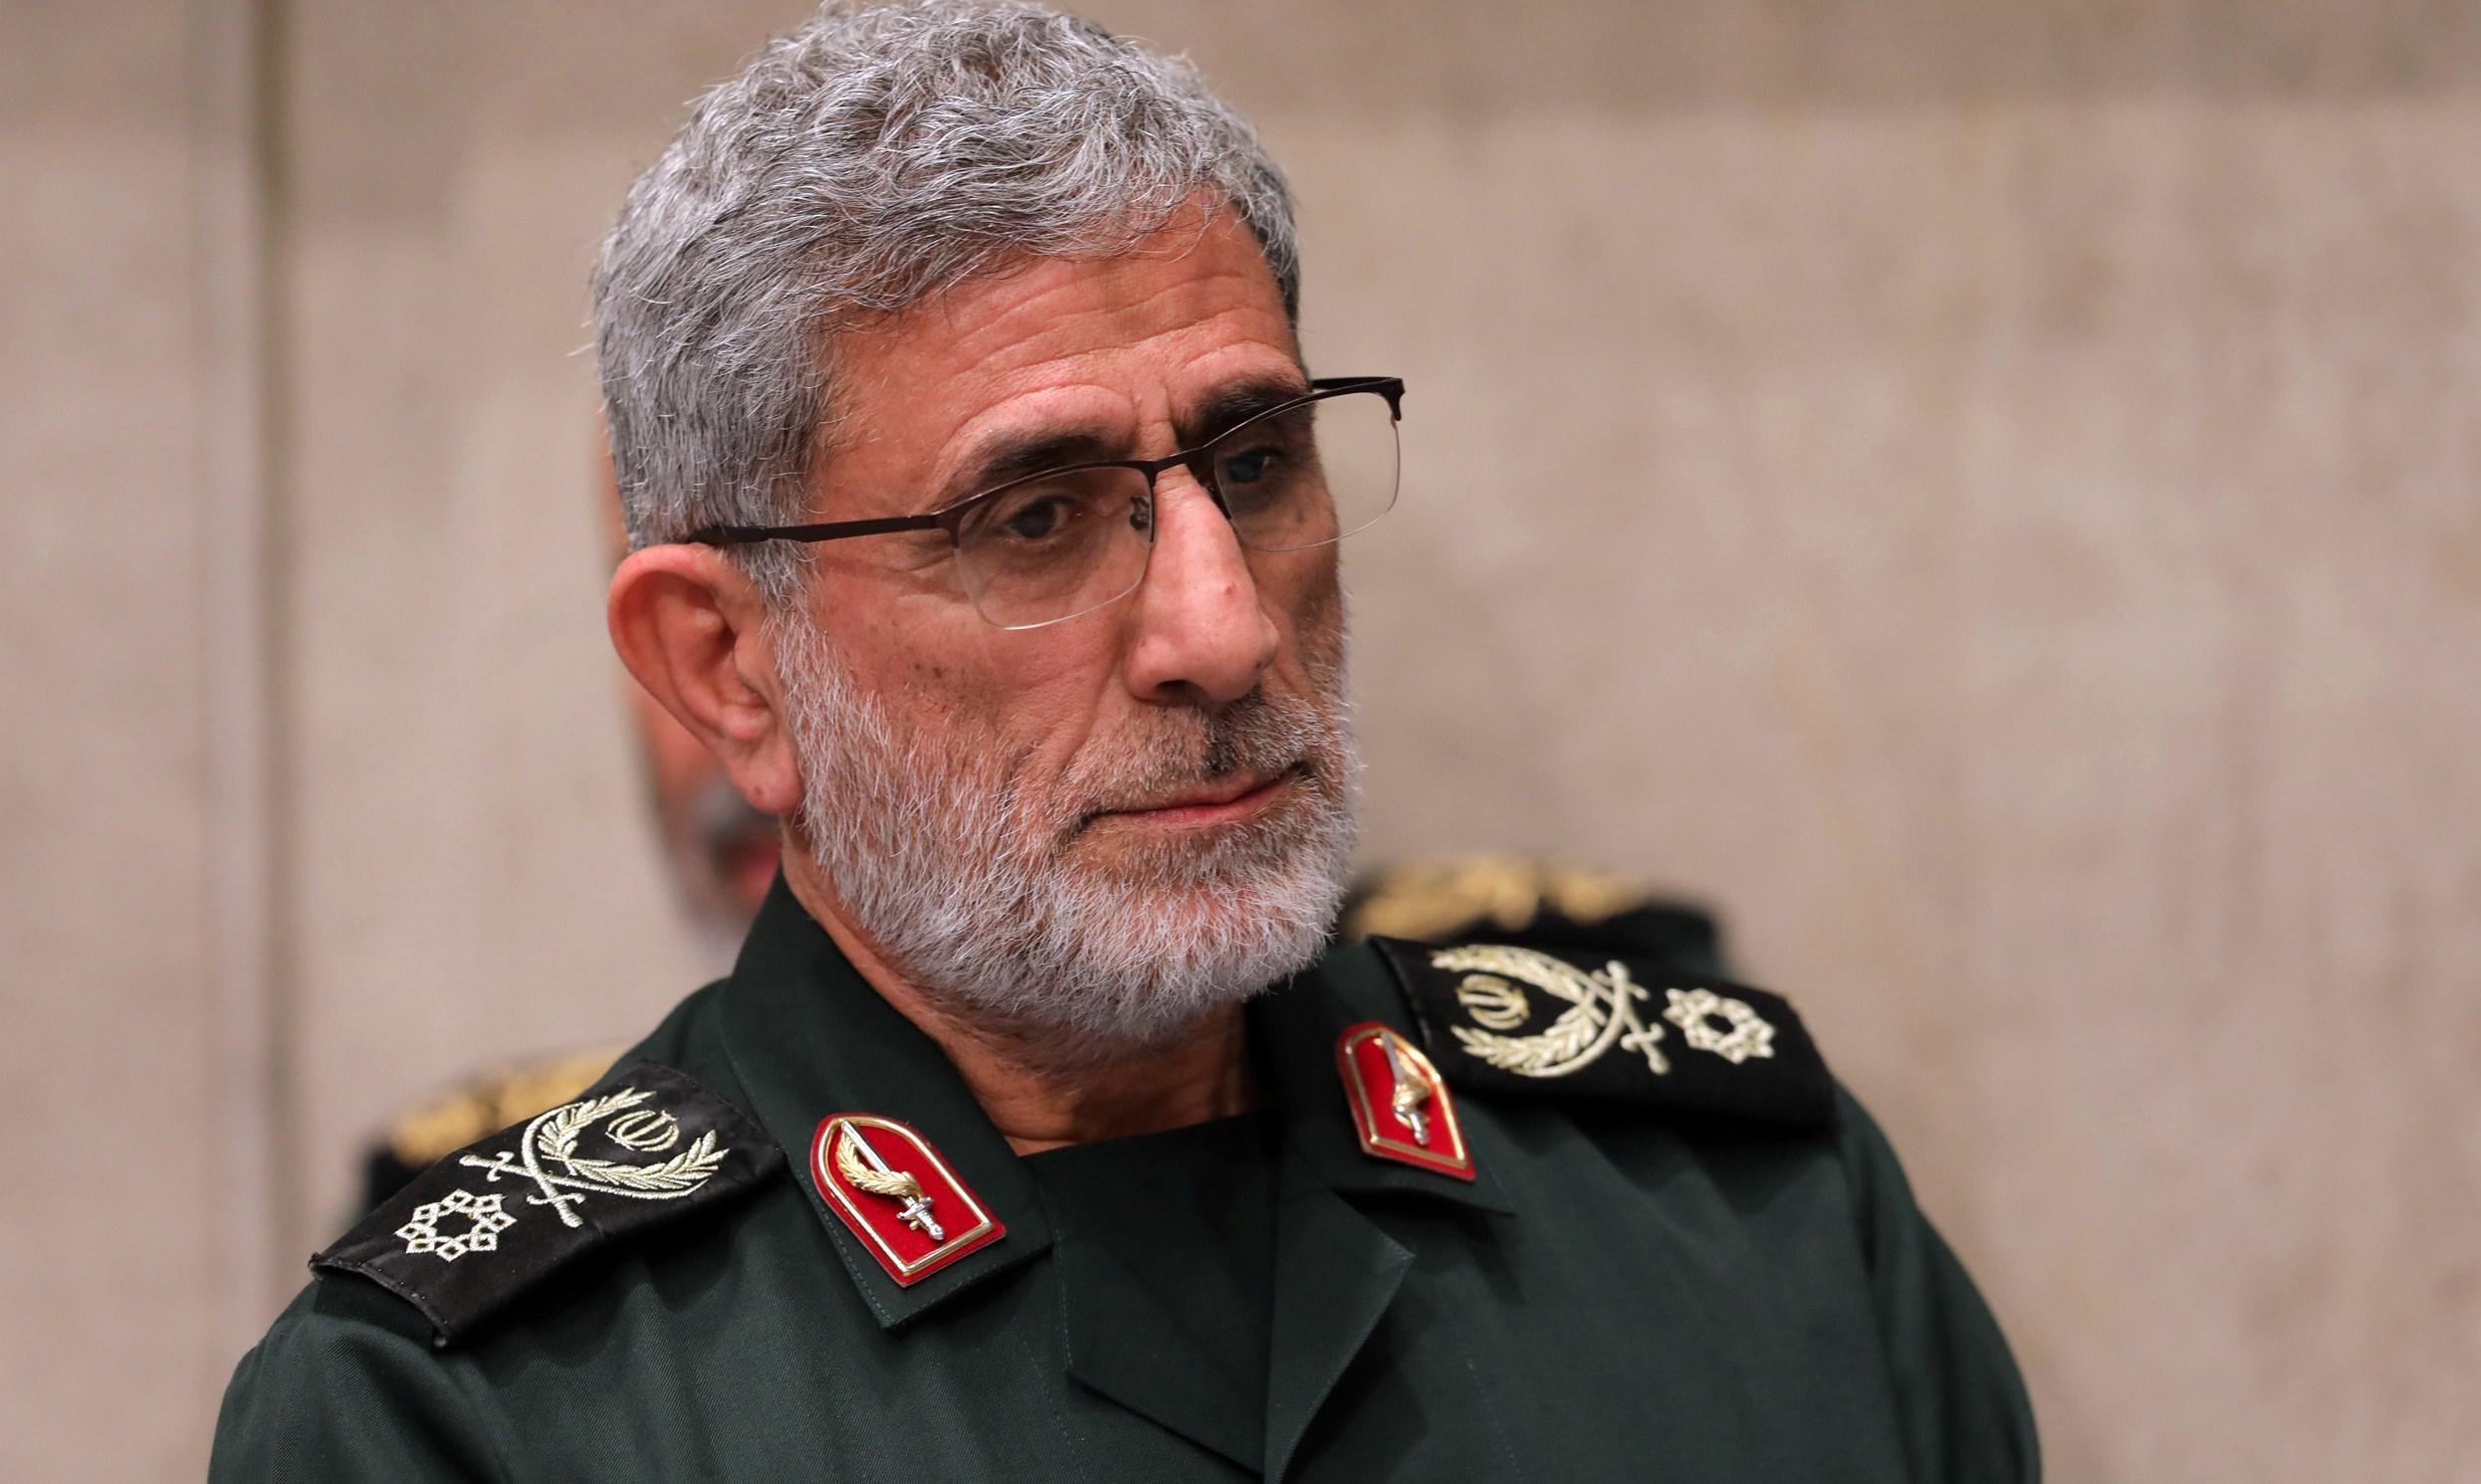 قاآني: العدو لا يتجرأ على خوض حرب كالرجال مع إيران